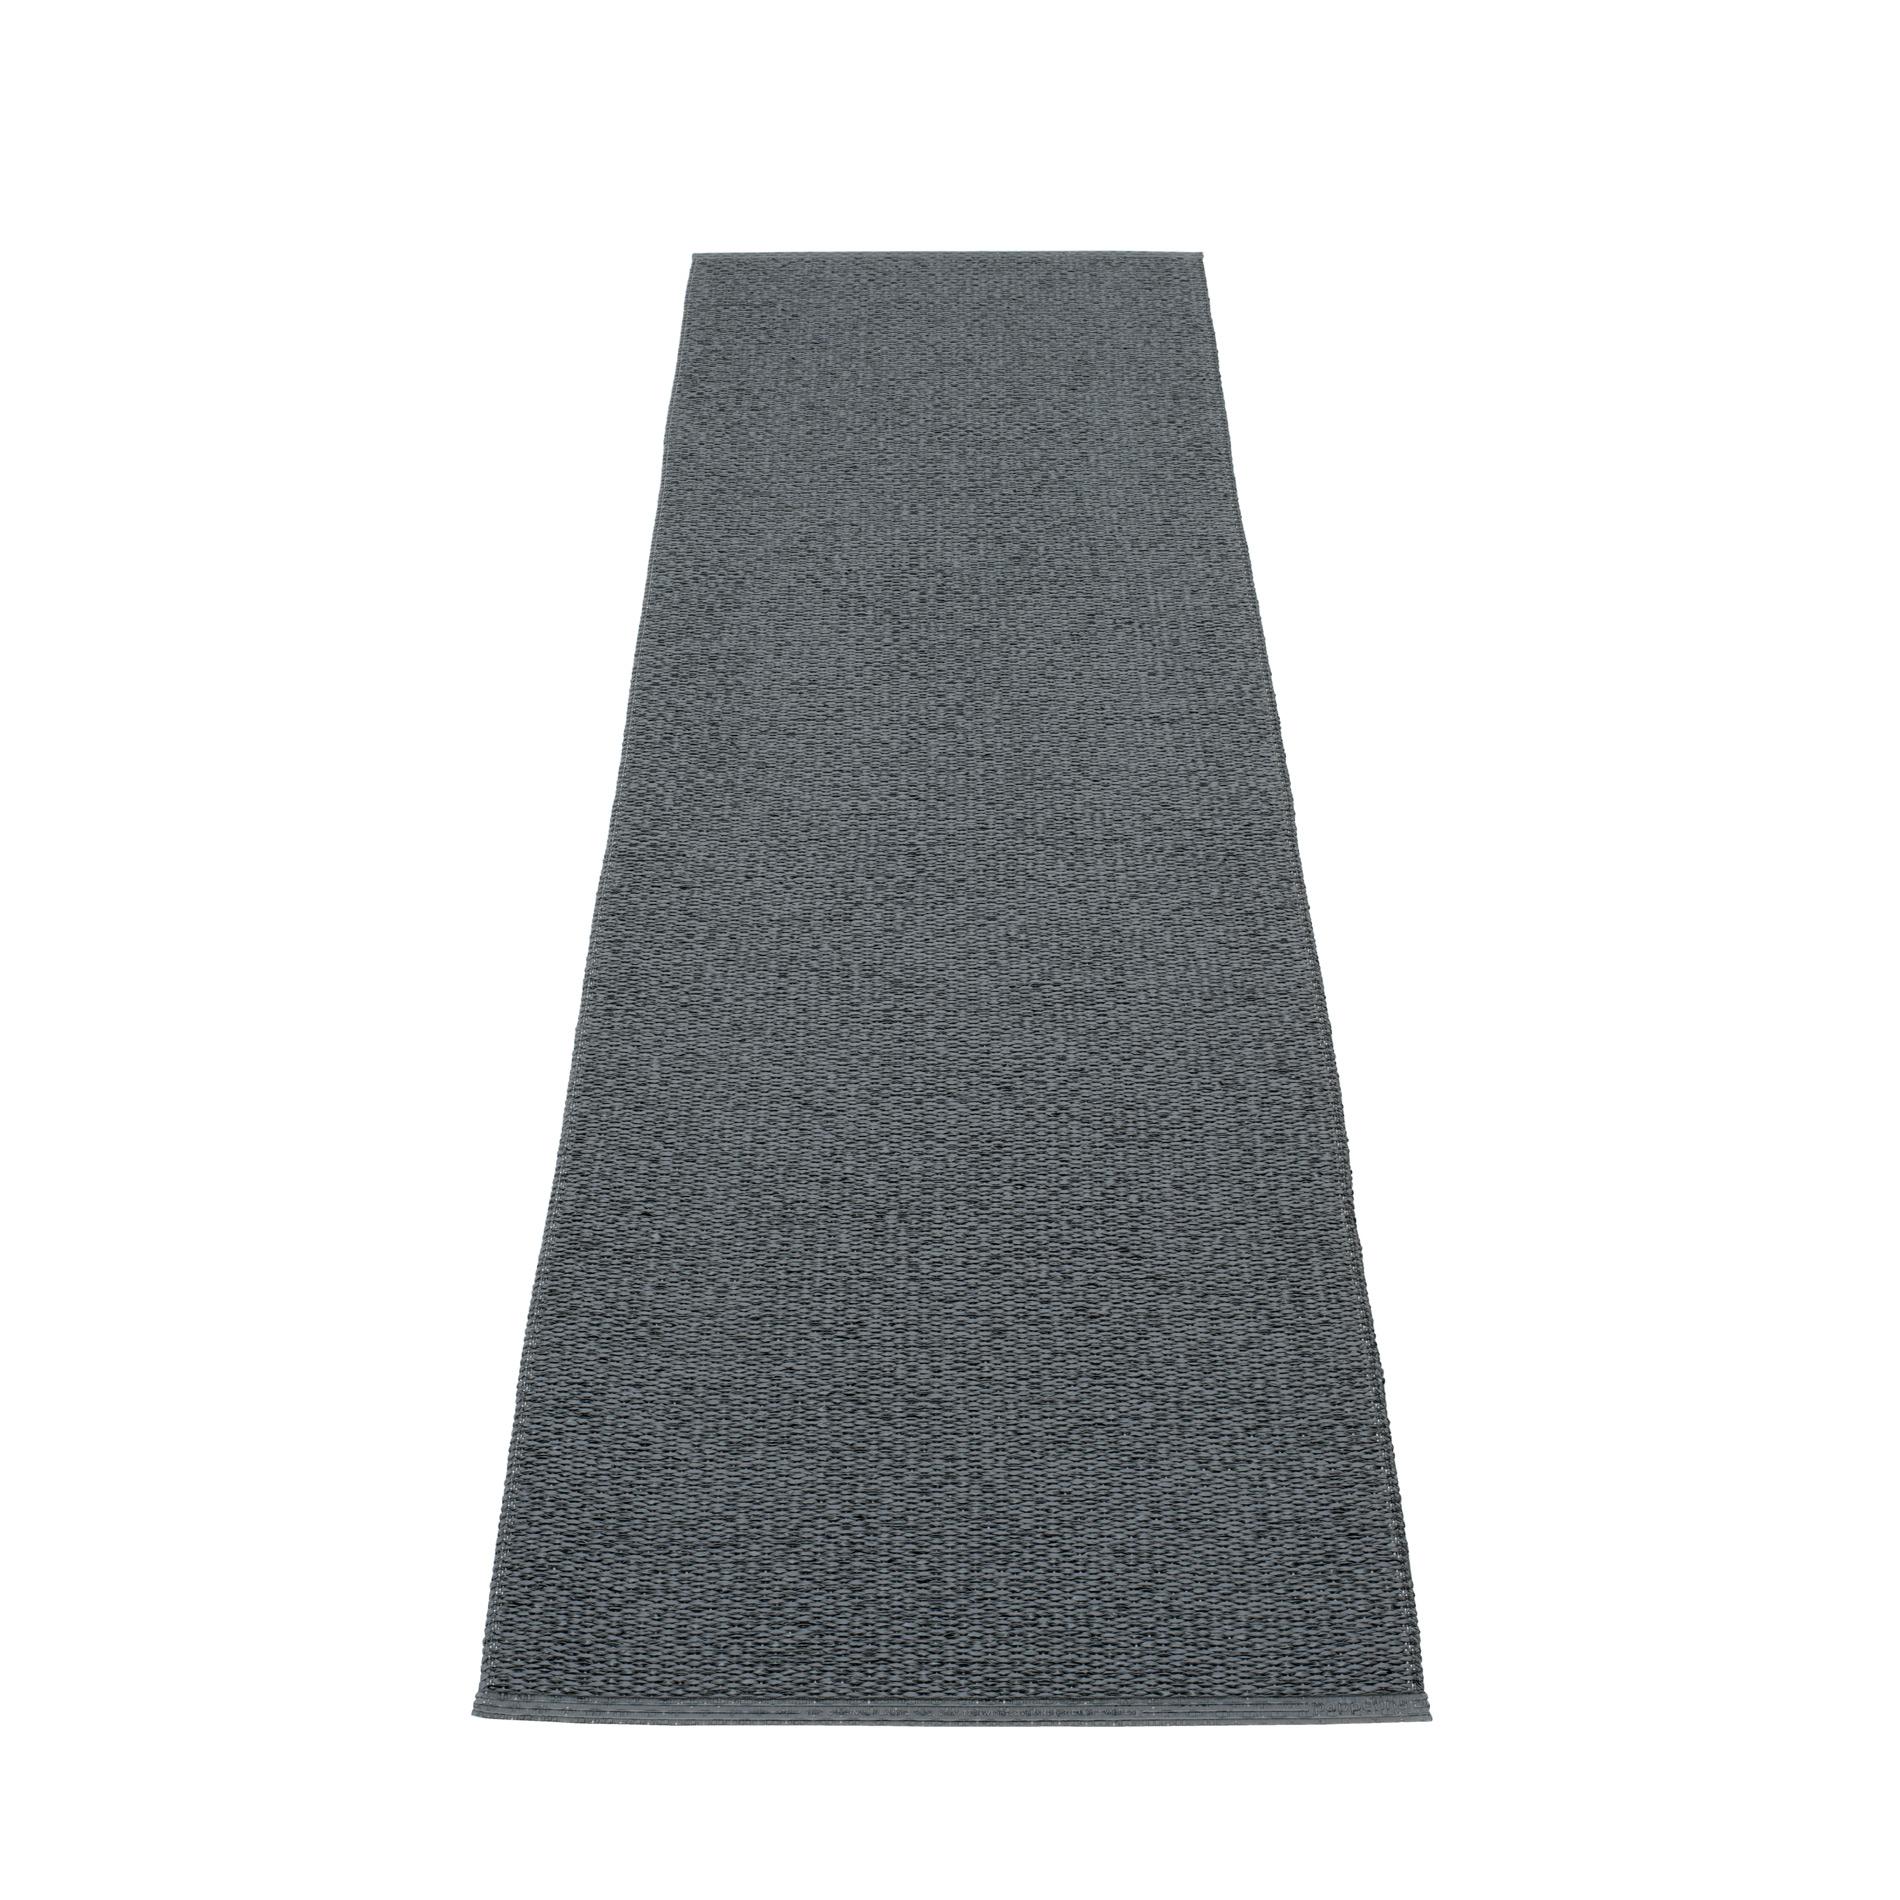 Tapis Svea largeur 70 cm - PAPPELINA